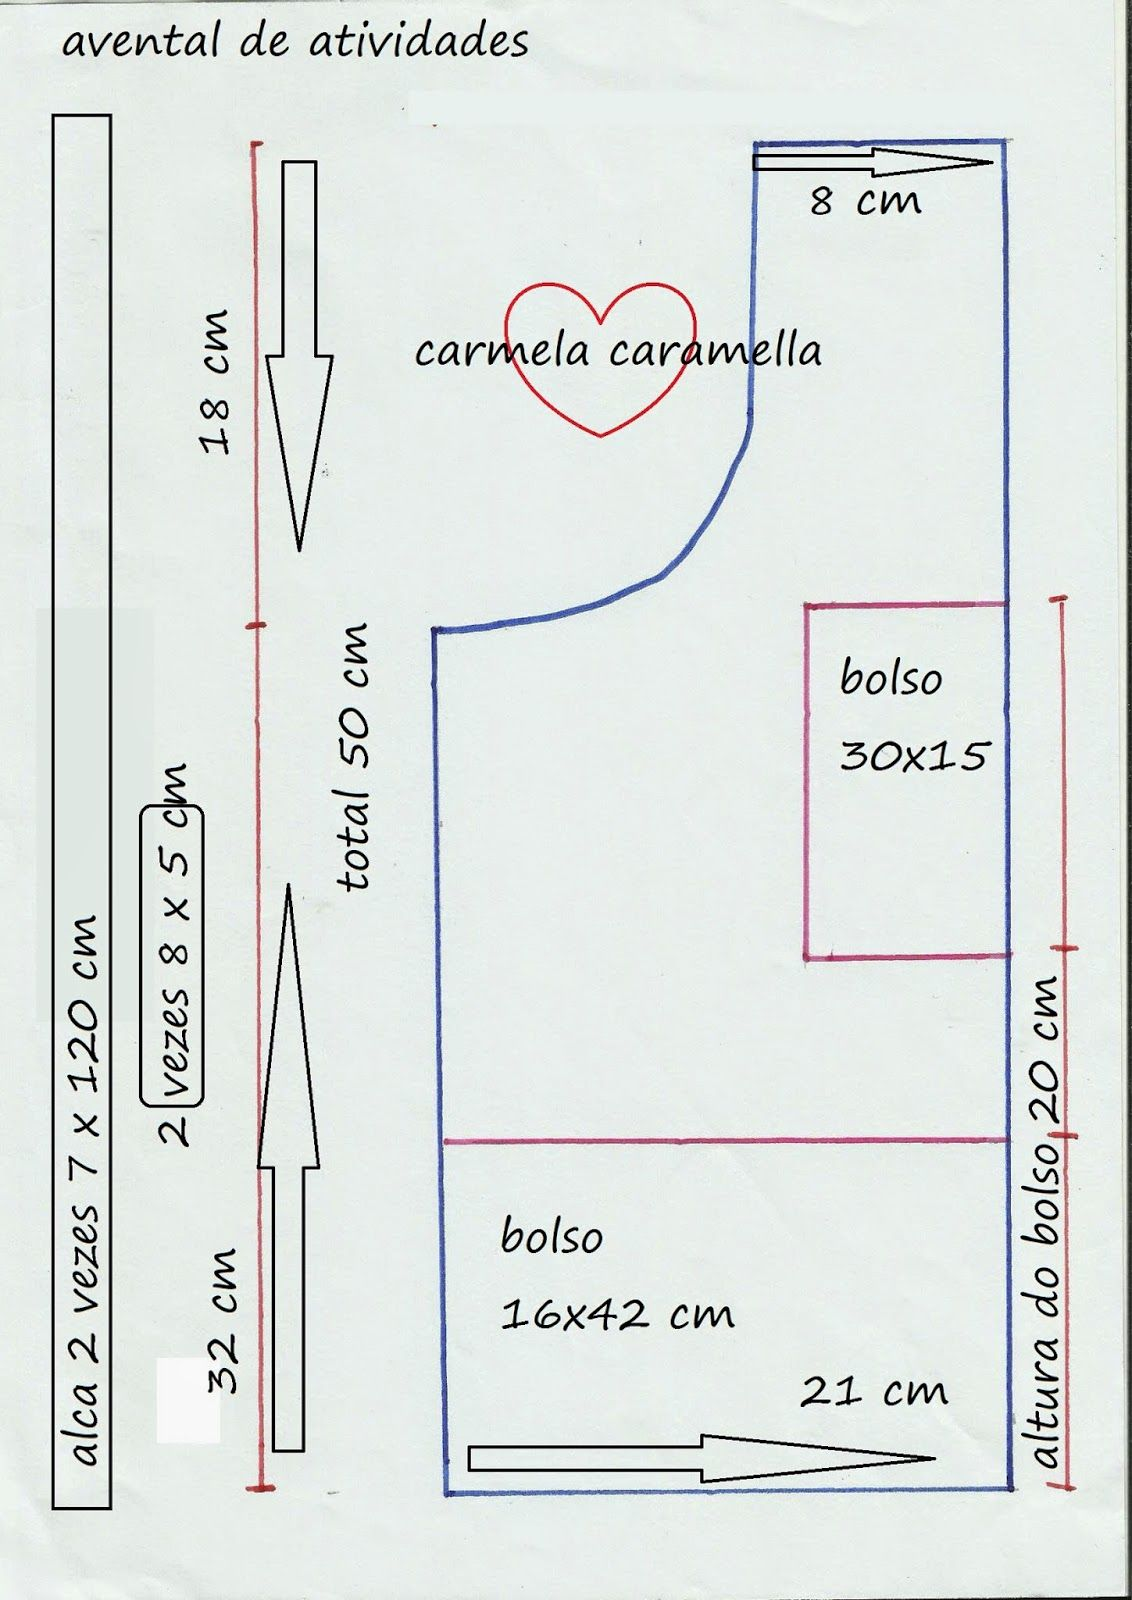 Carmela Caramella   avental infantil  4f48afdc0c9